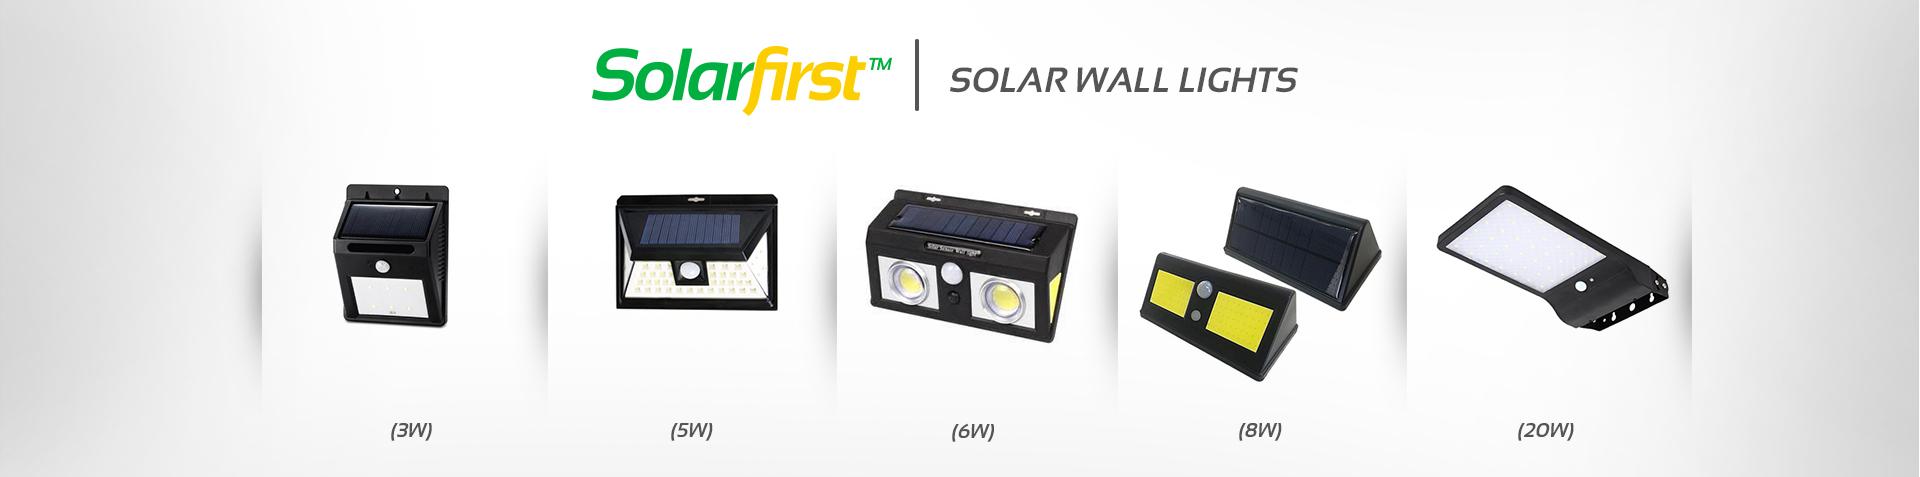 Solar-Wall-Lights1.1